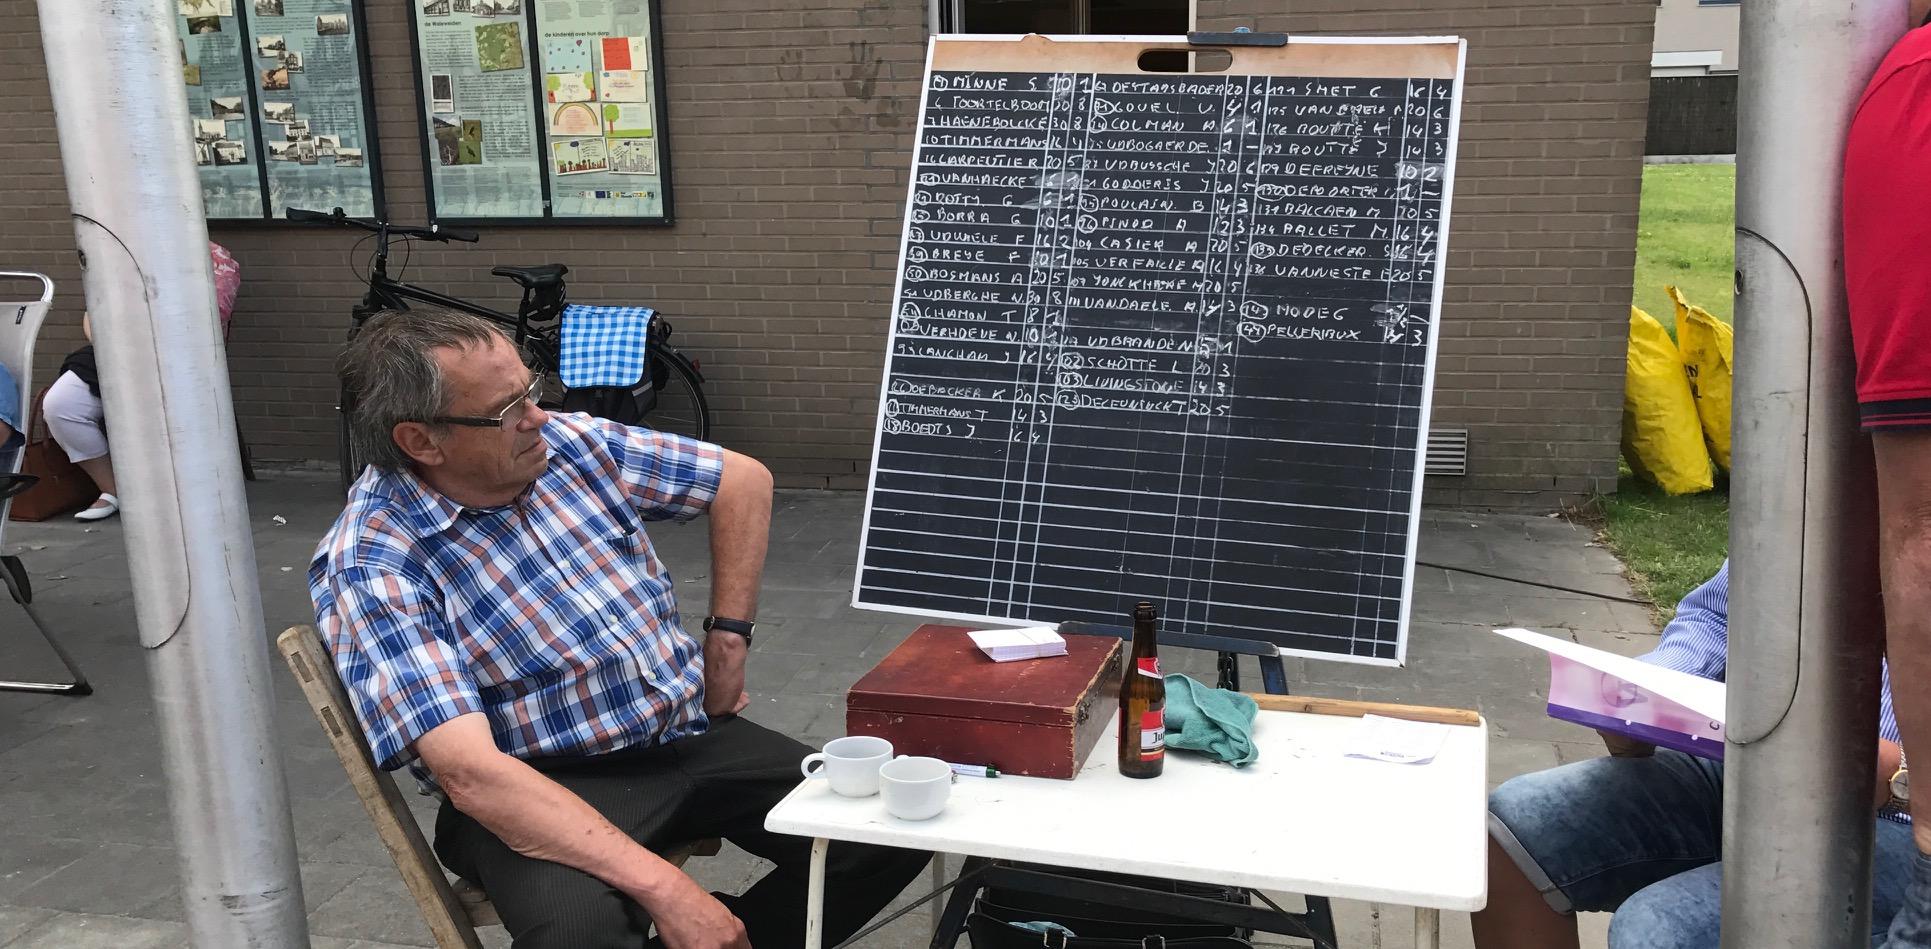 Diksmuide 17 - Bookmakers ran a comprehensive book on the peloton at the Diksmuide Kermesse.